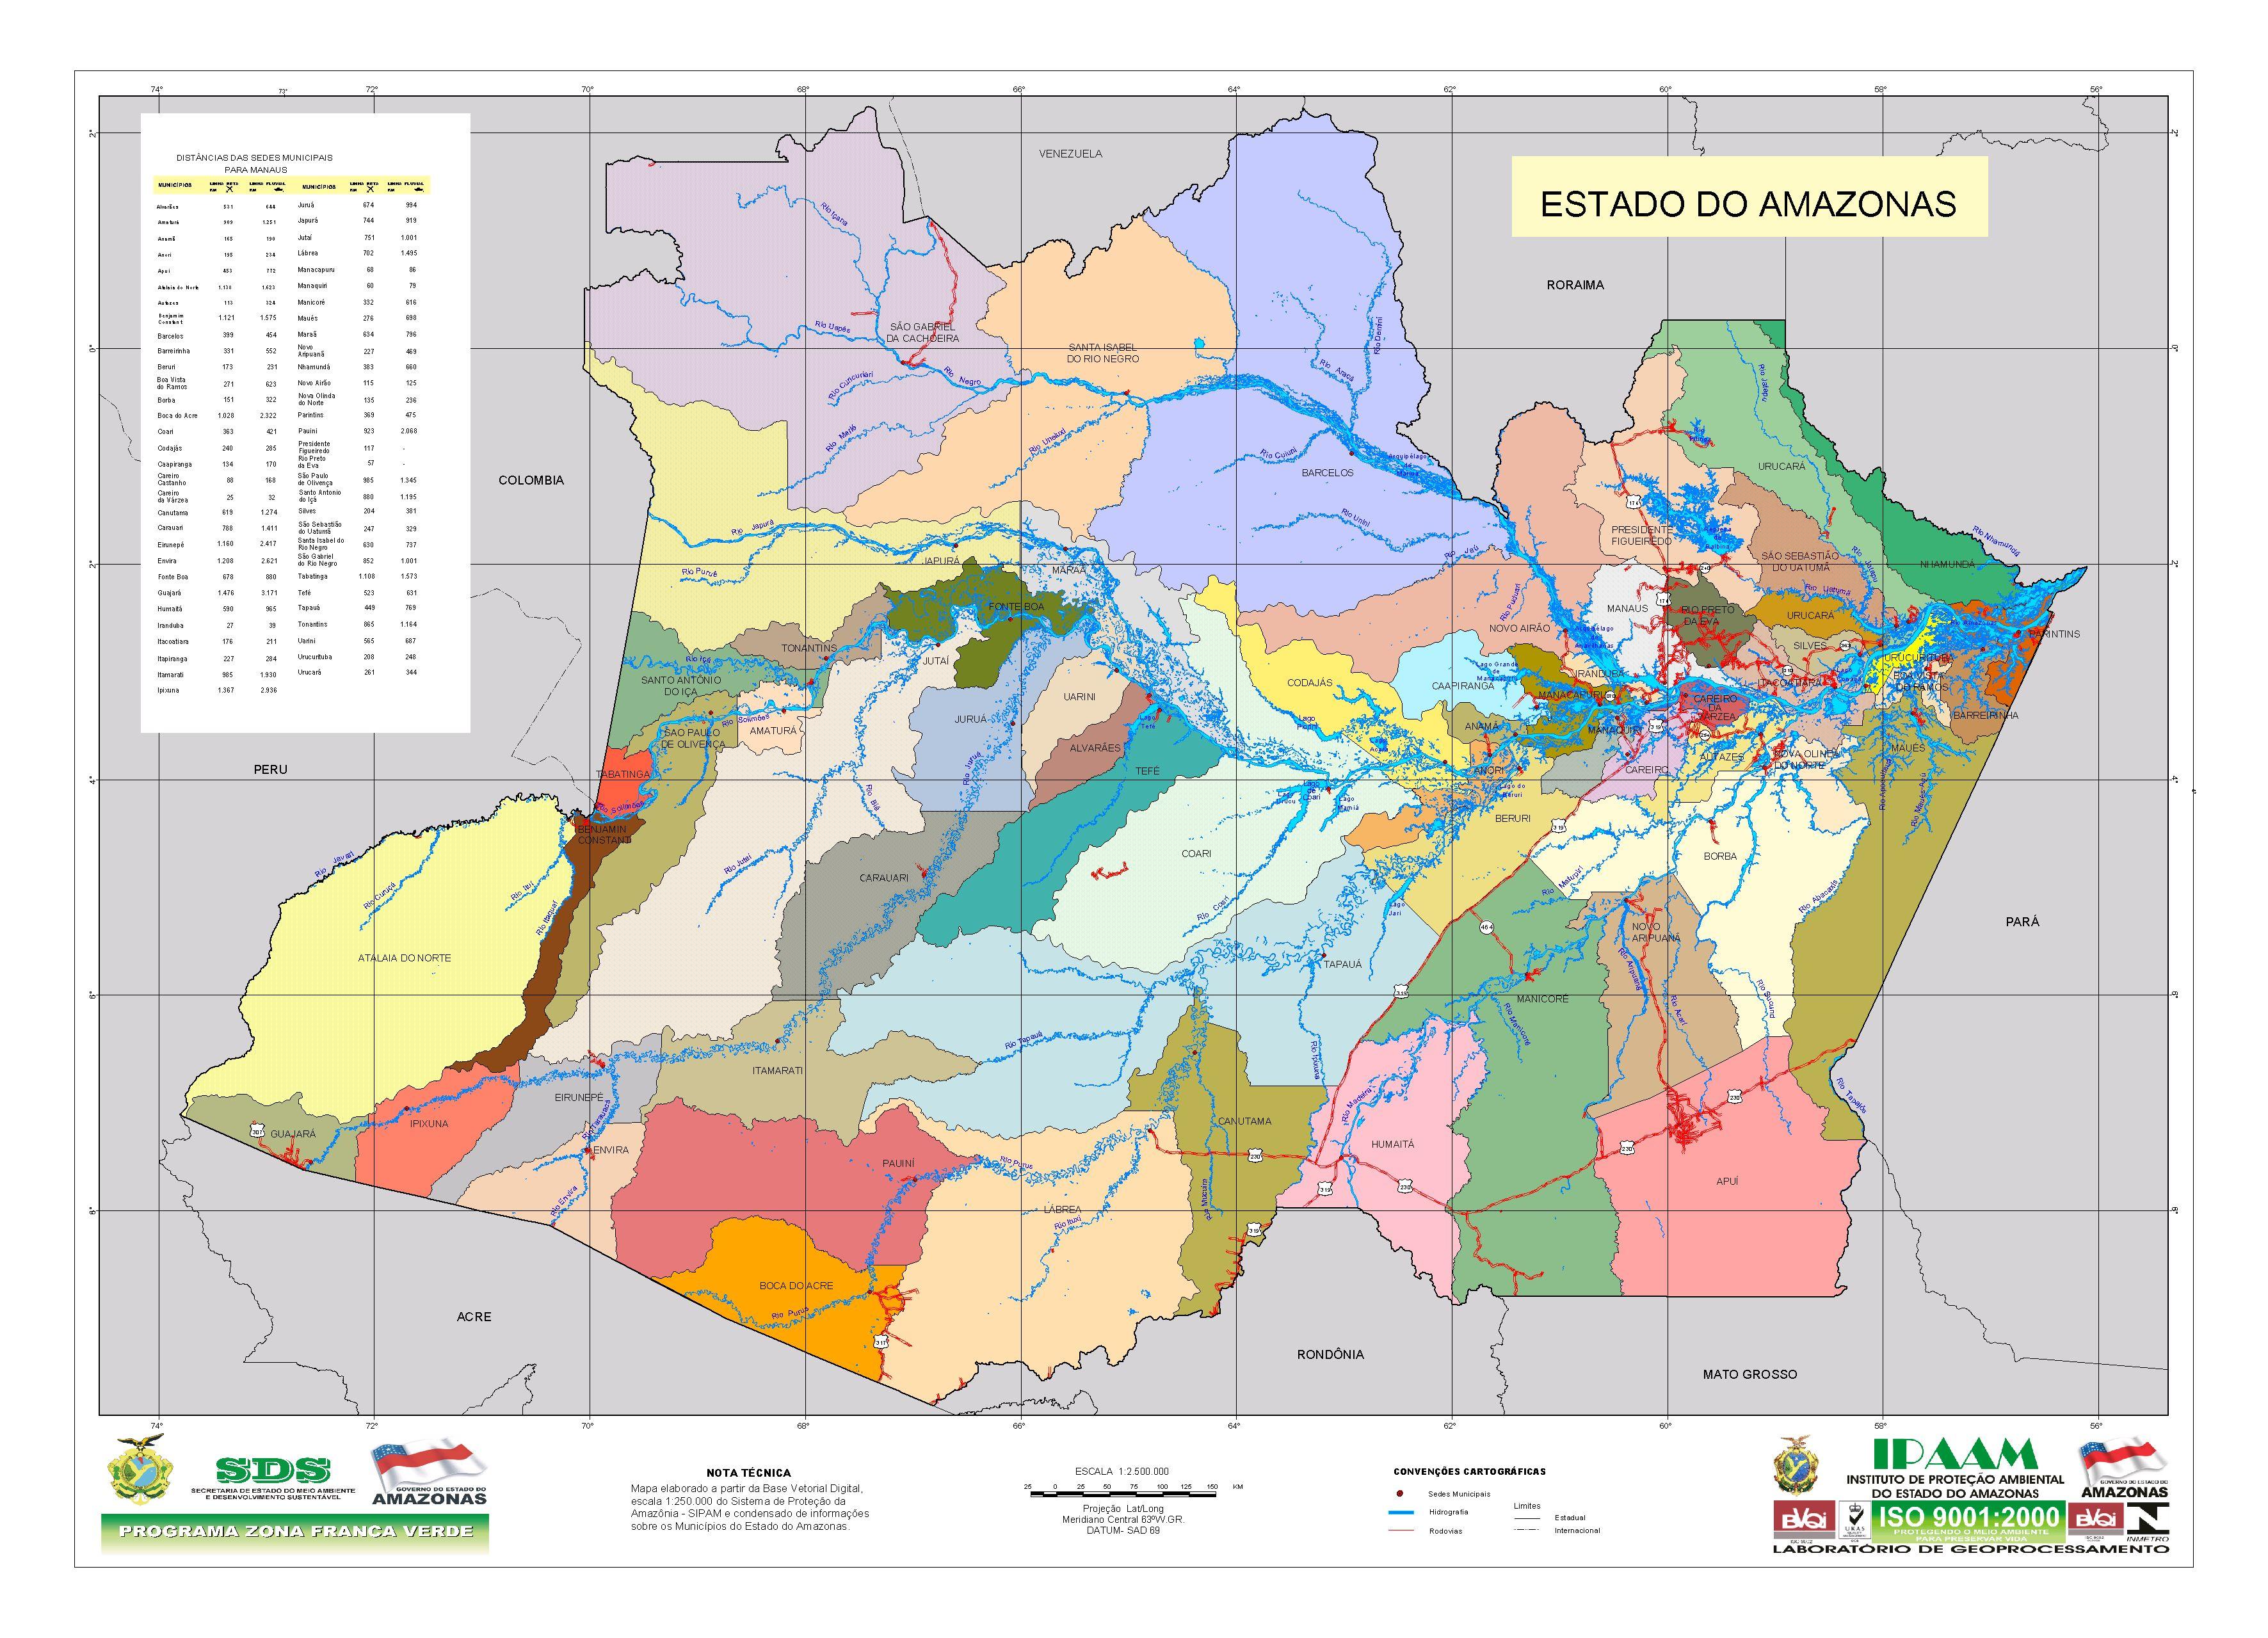 Amazonas State Municipal Division Map, Brazil